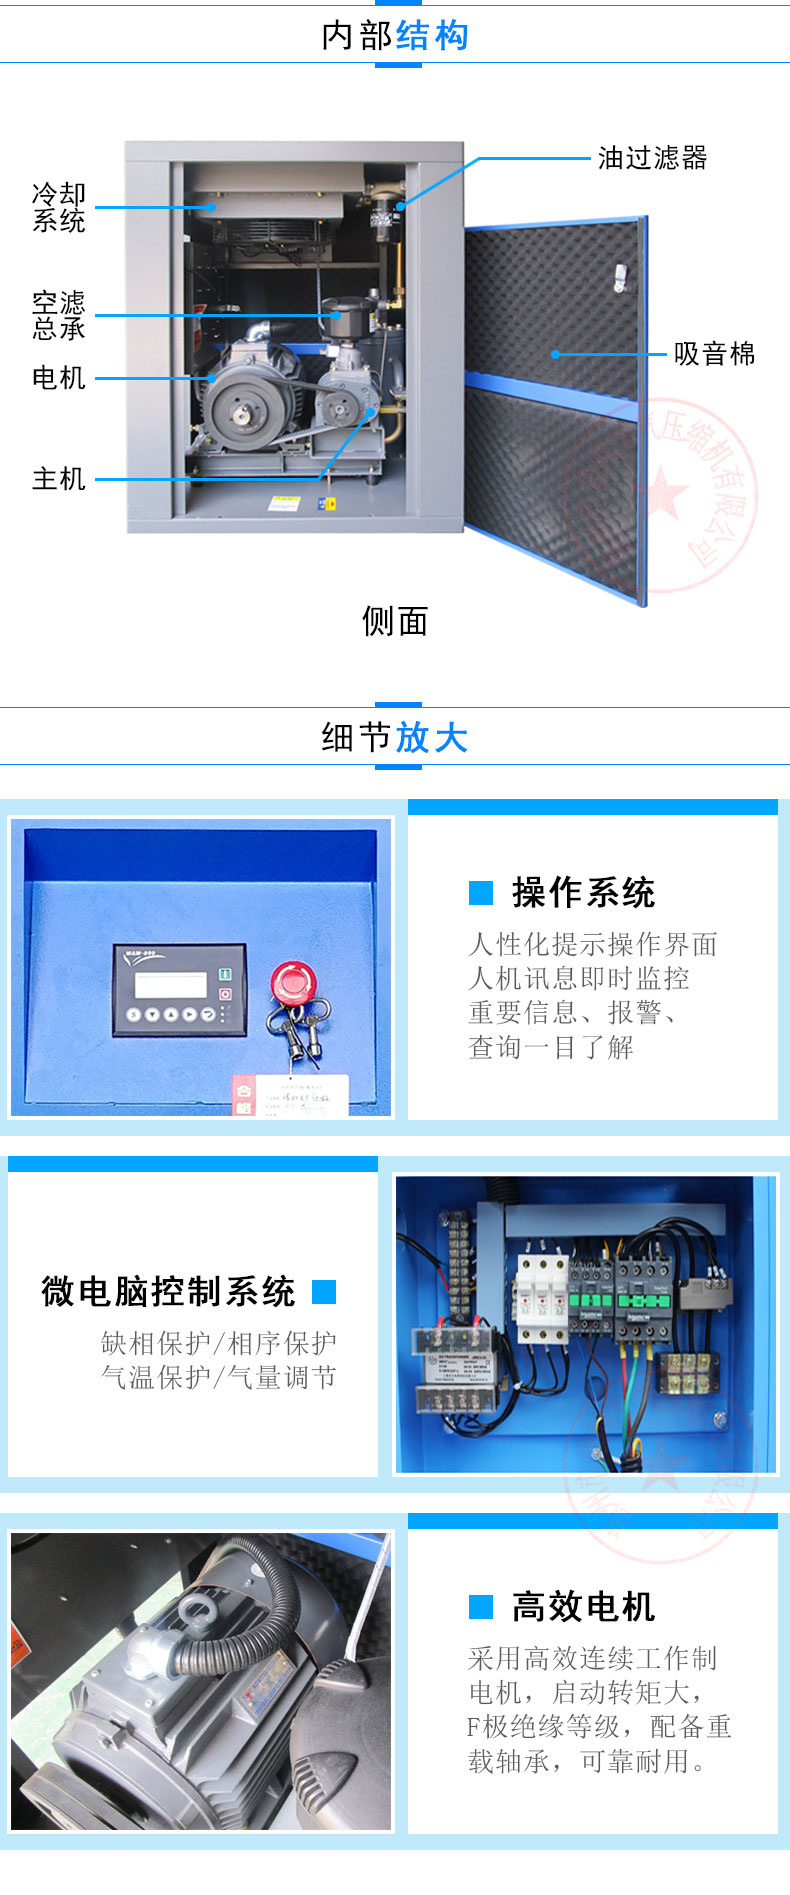 全蓝10P空压机内页_06.jpg